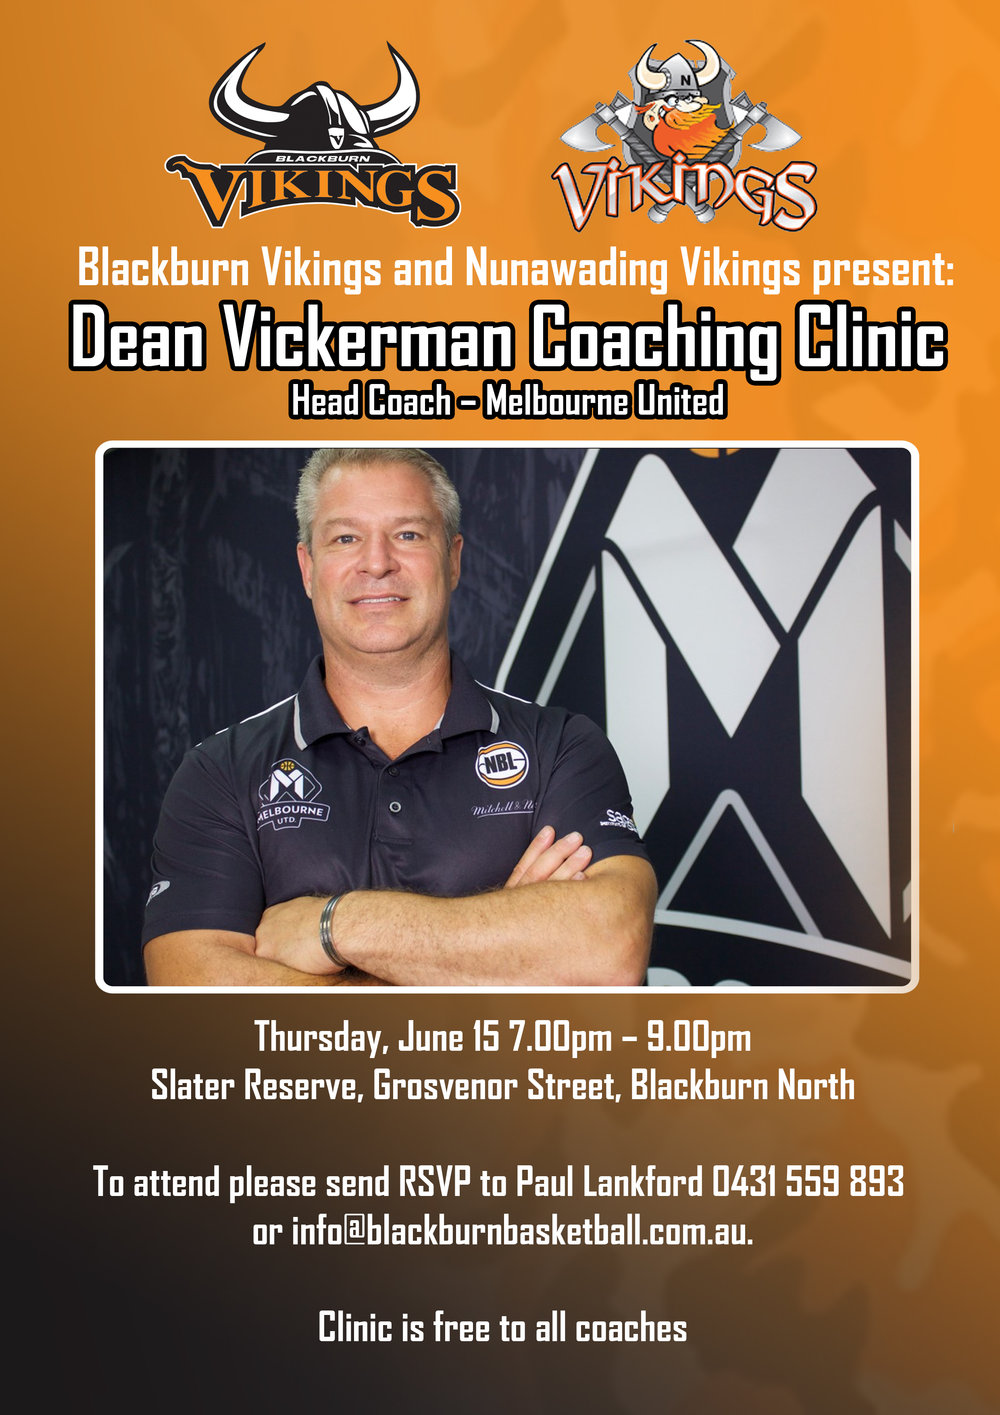 Dean-Vickerman-Coaches-Clinic1.jpg